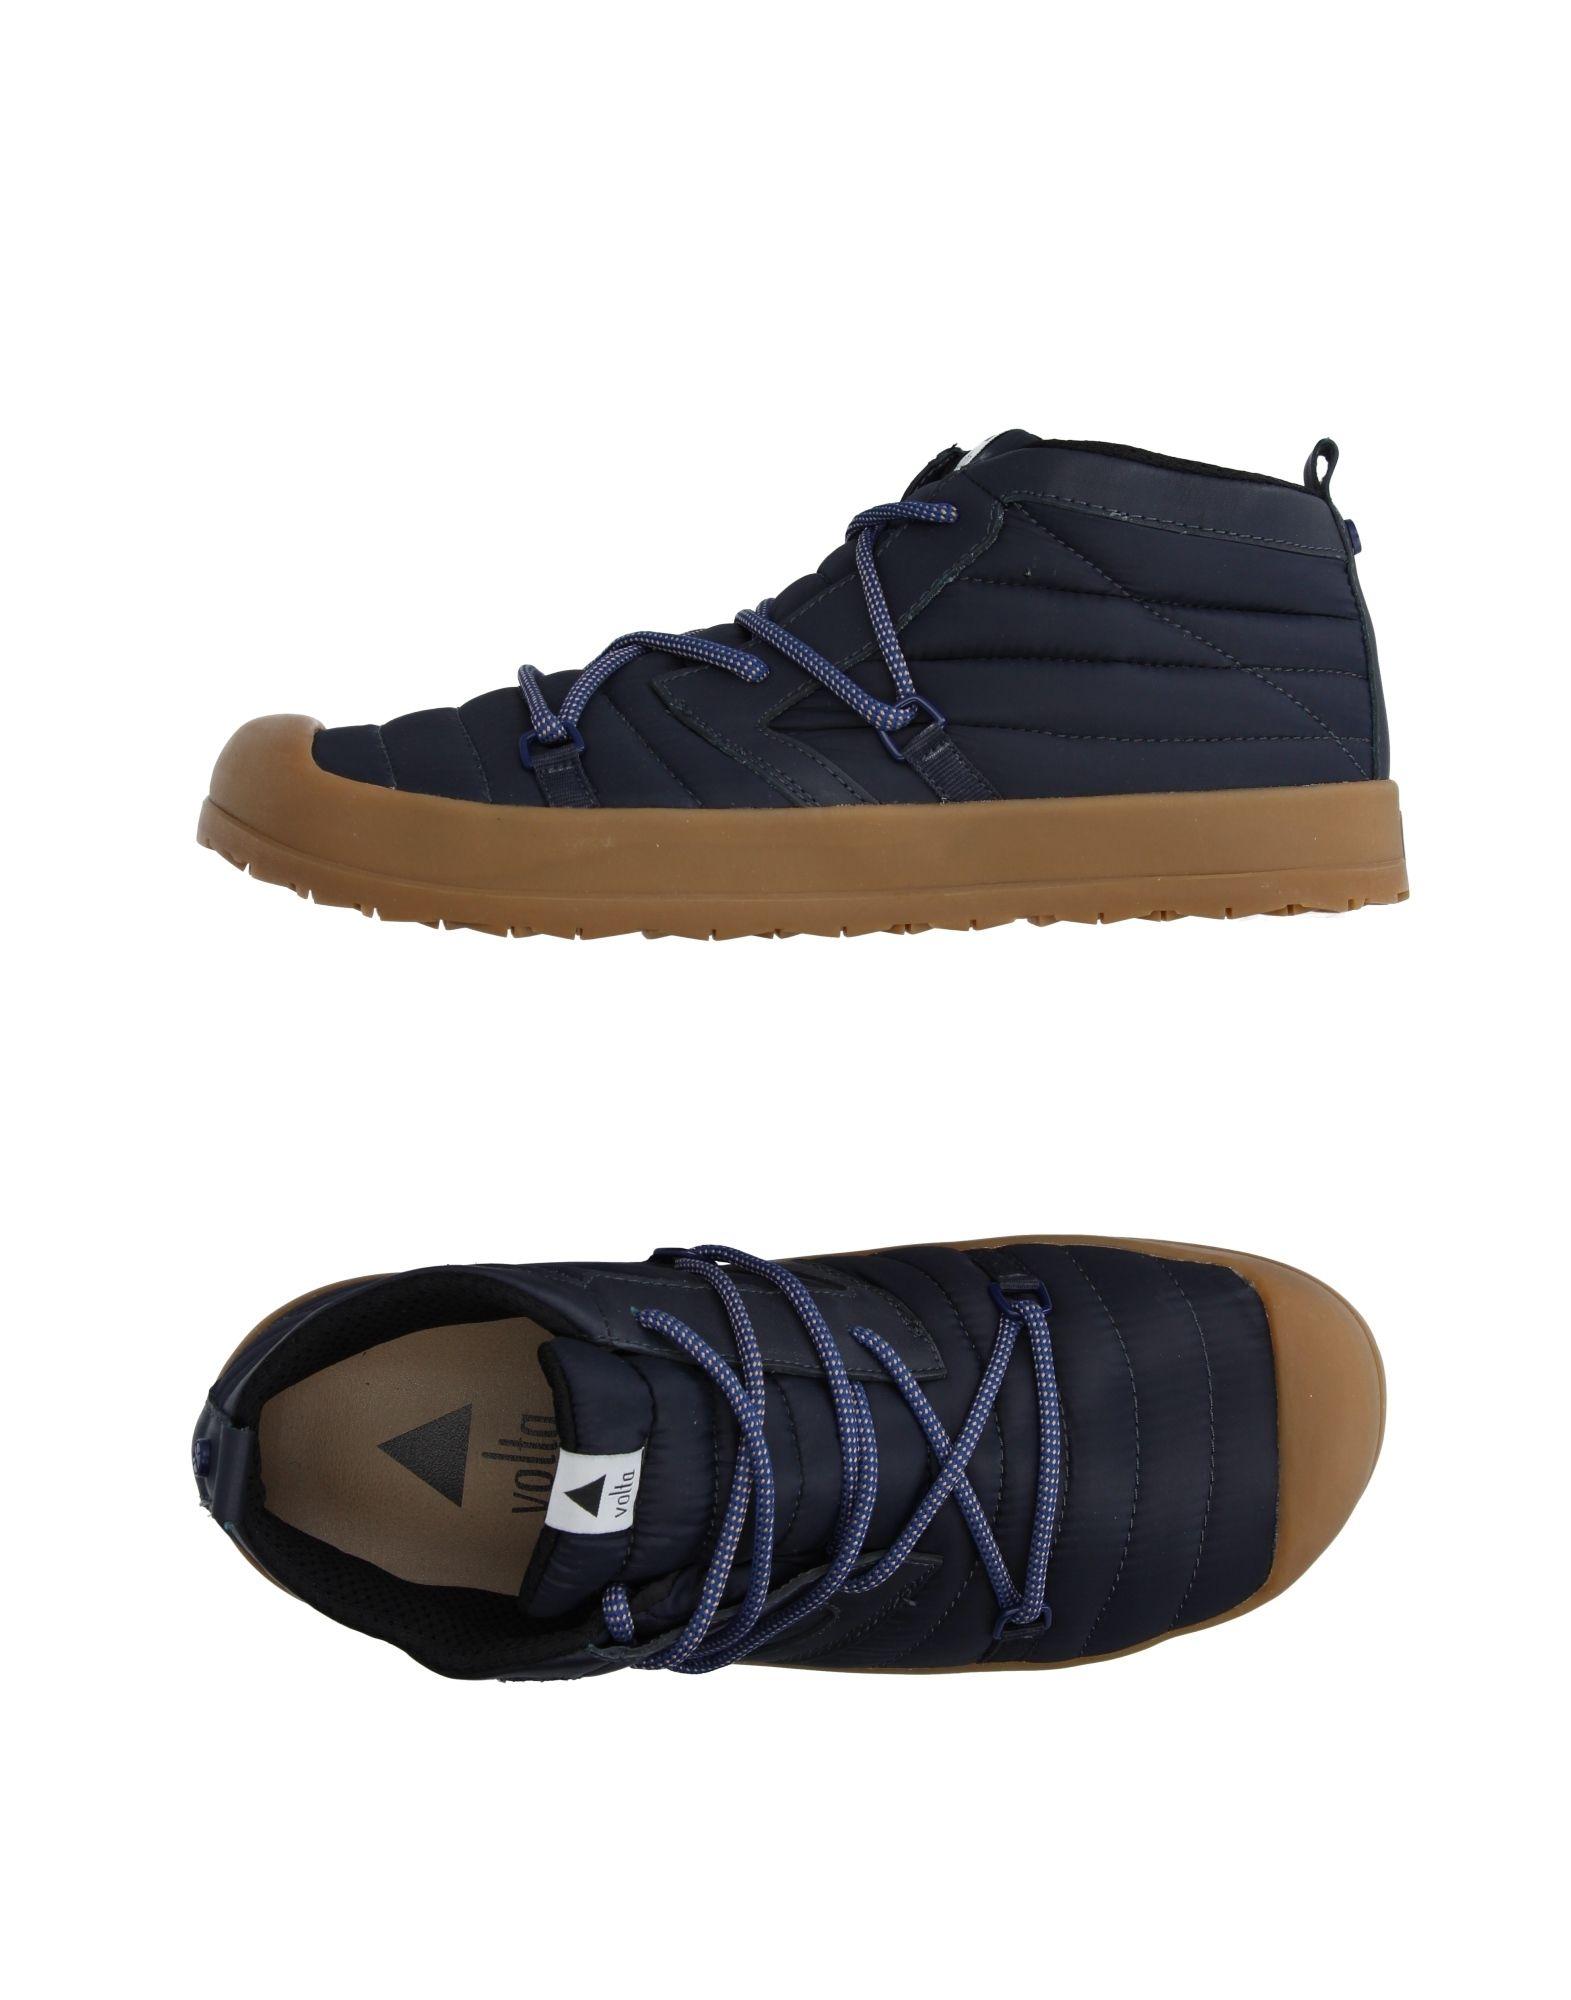 VOLTA Sneakers in Dark Blue